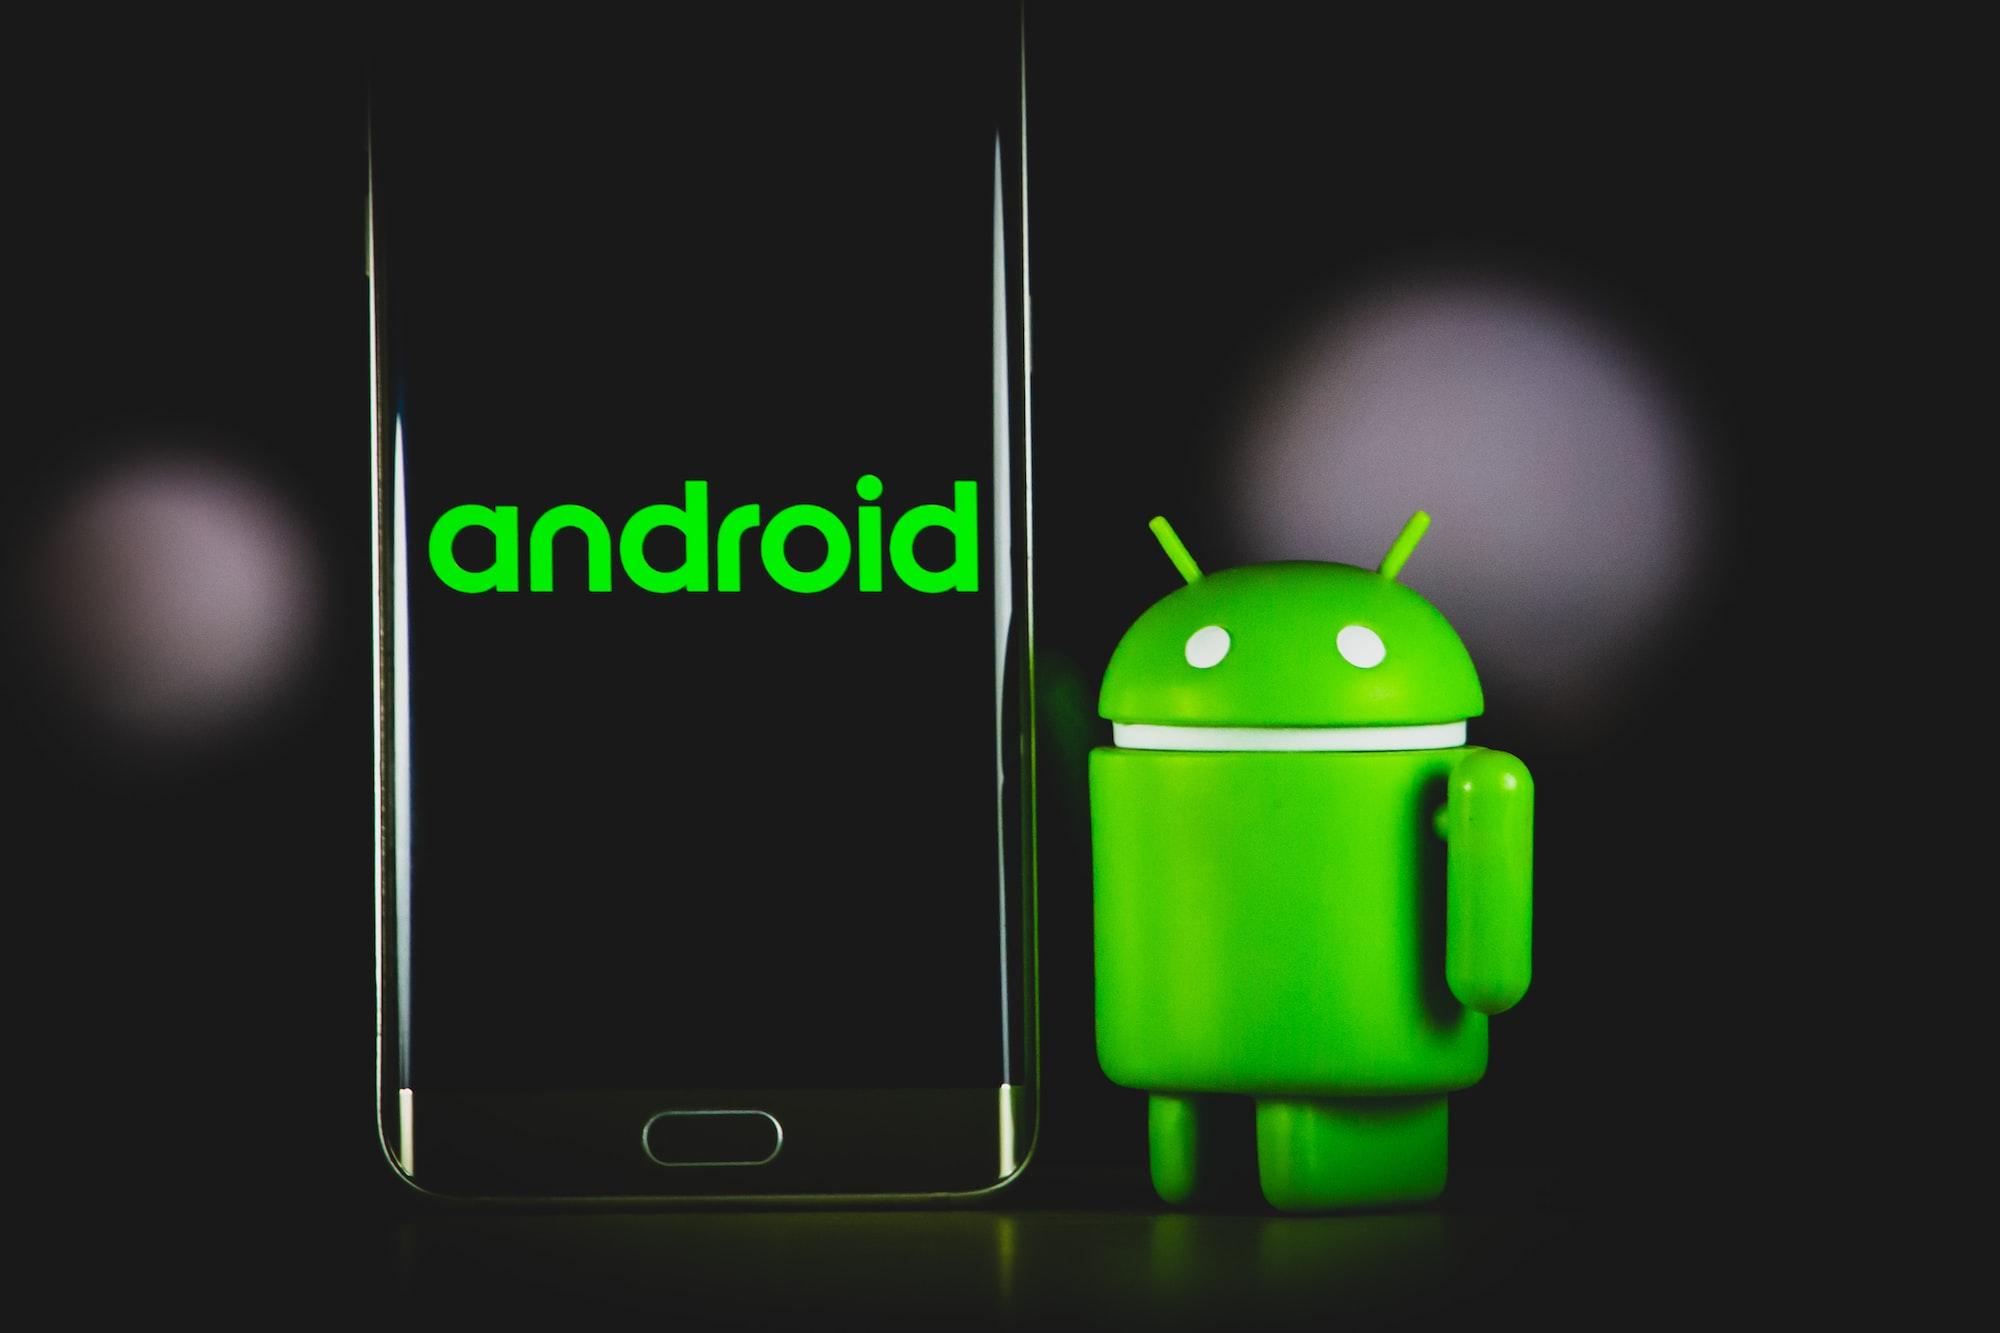 23 приложения для Android позволяют раскрыть личные данные более 100 000 000 пользователей